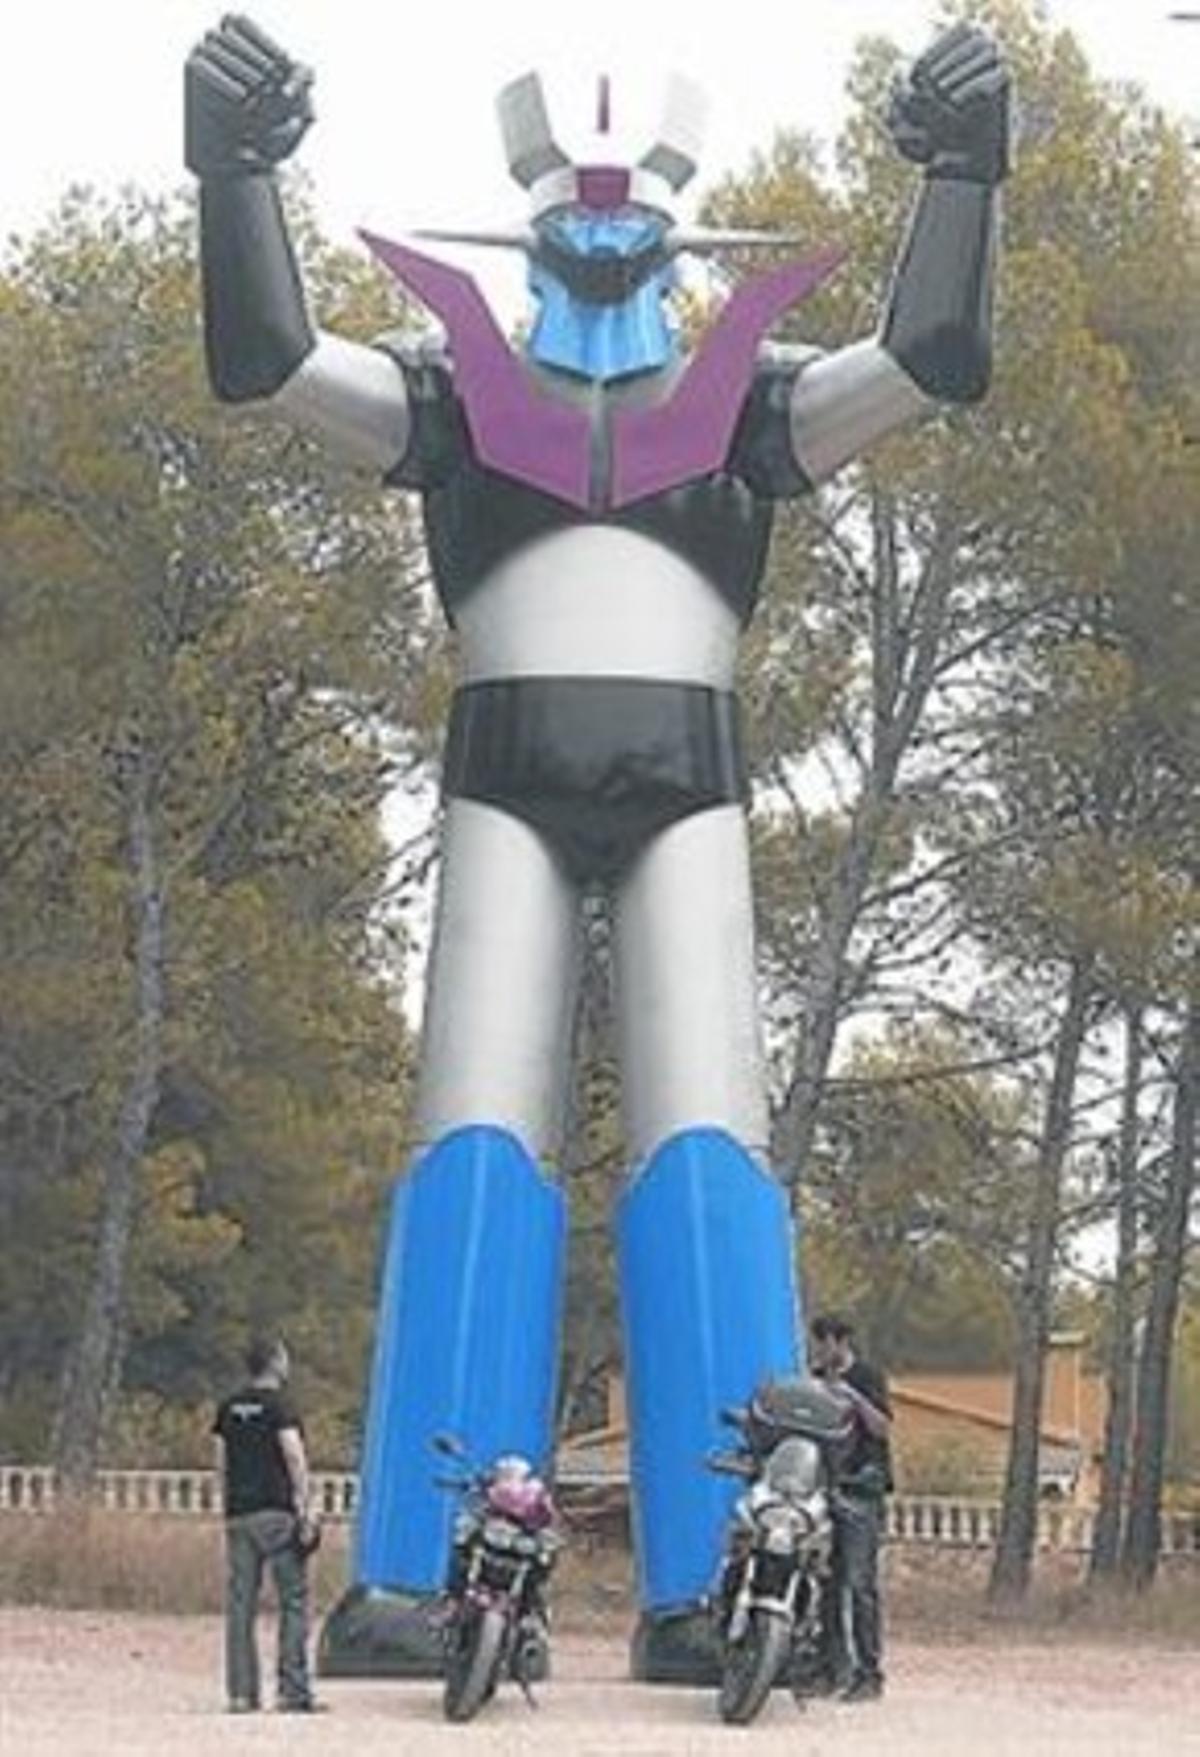 La estatua de Mazinger Z lleva allí 35 años.